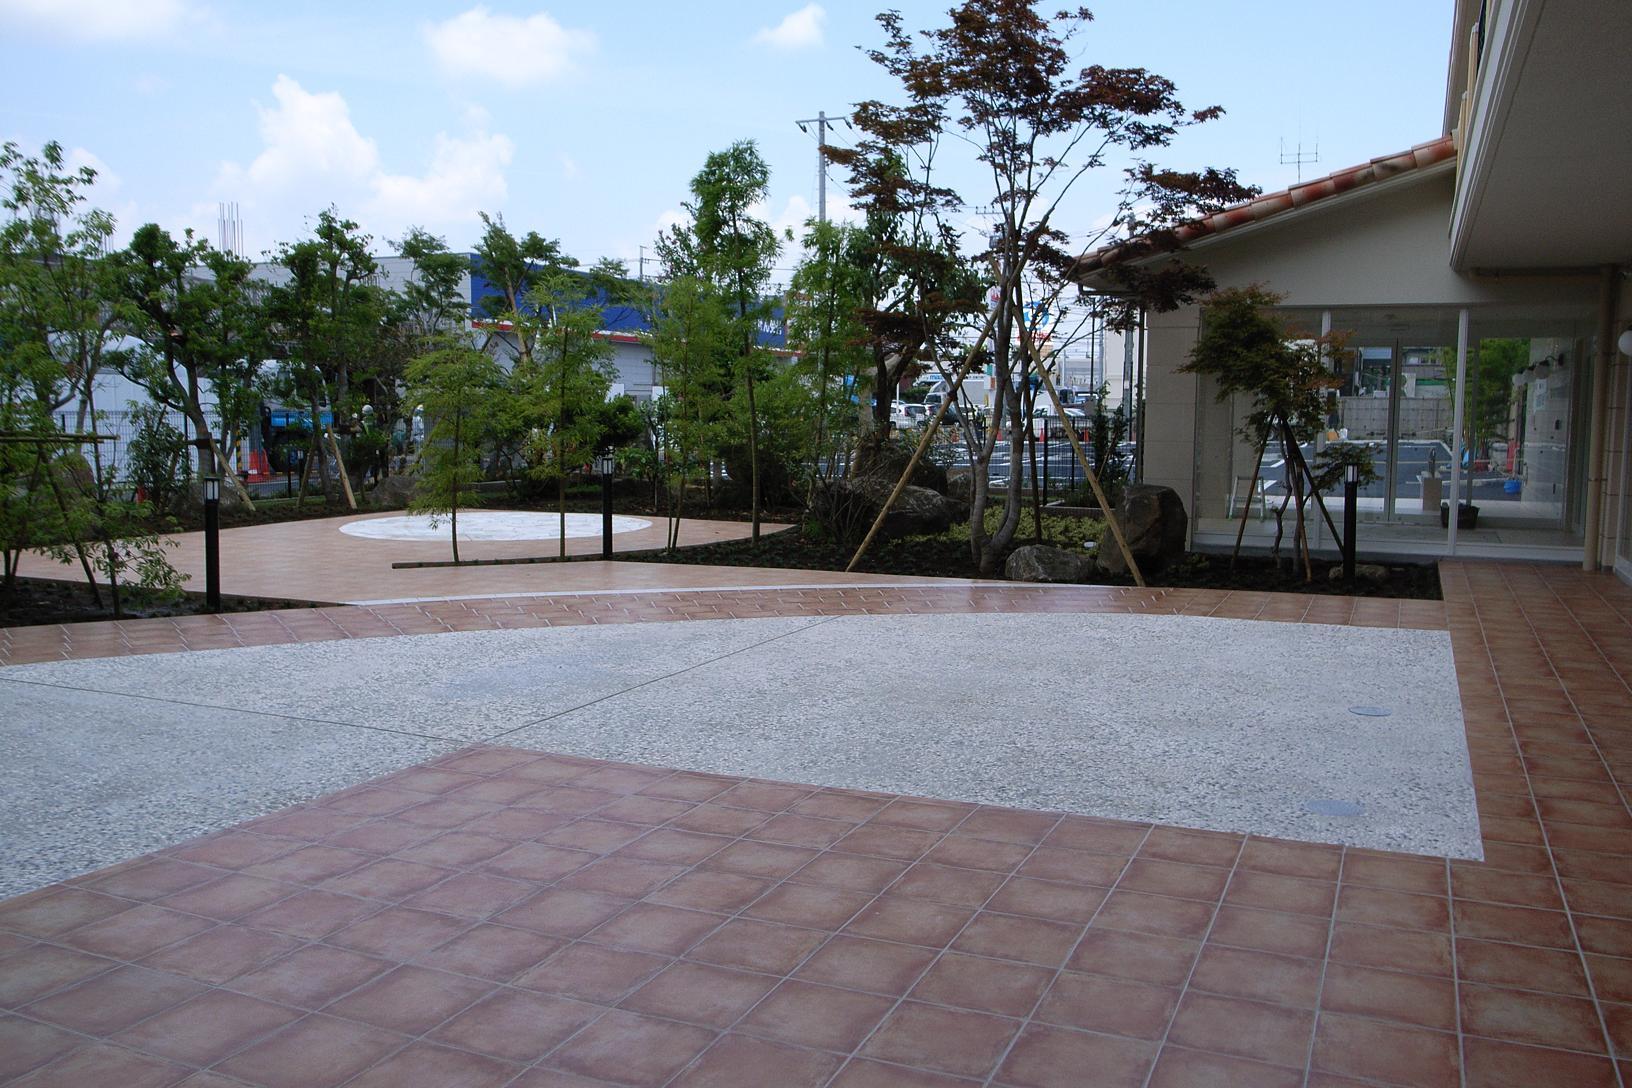 松戸老人ホームの庭テラス